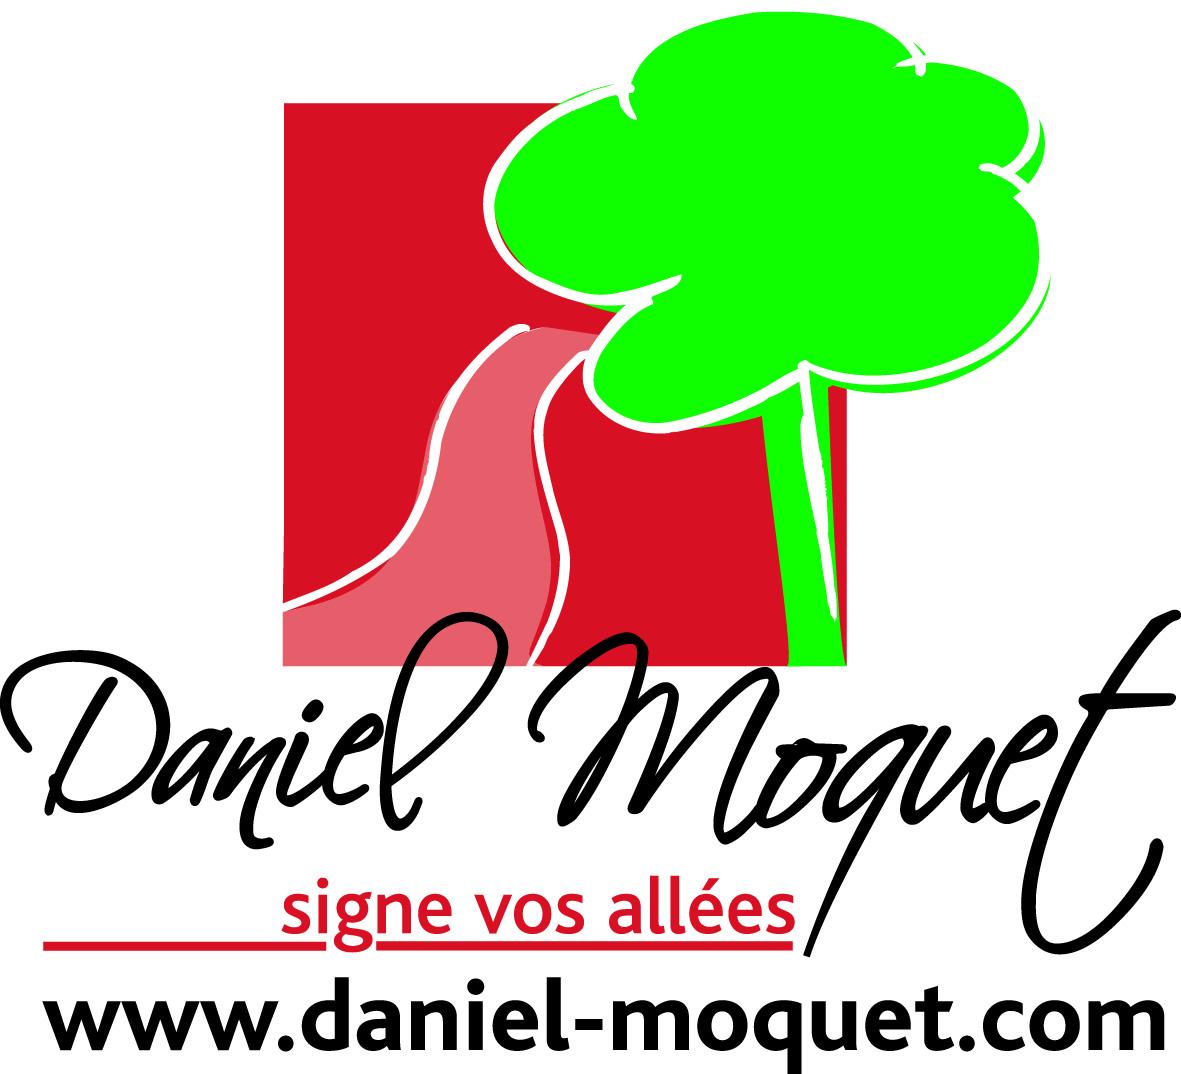 Daniel Moquet signe vos allées - Ent. Malingrey